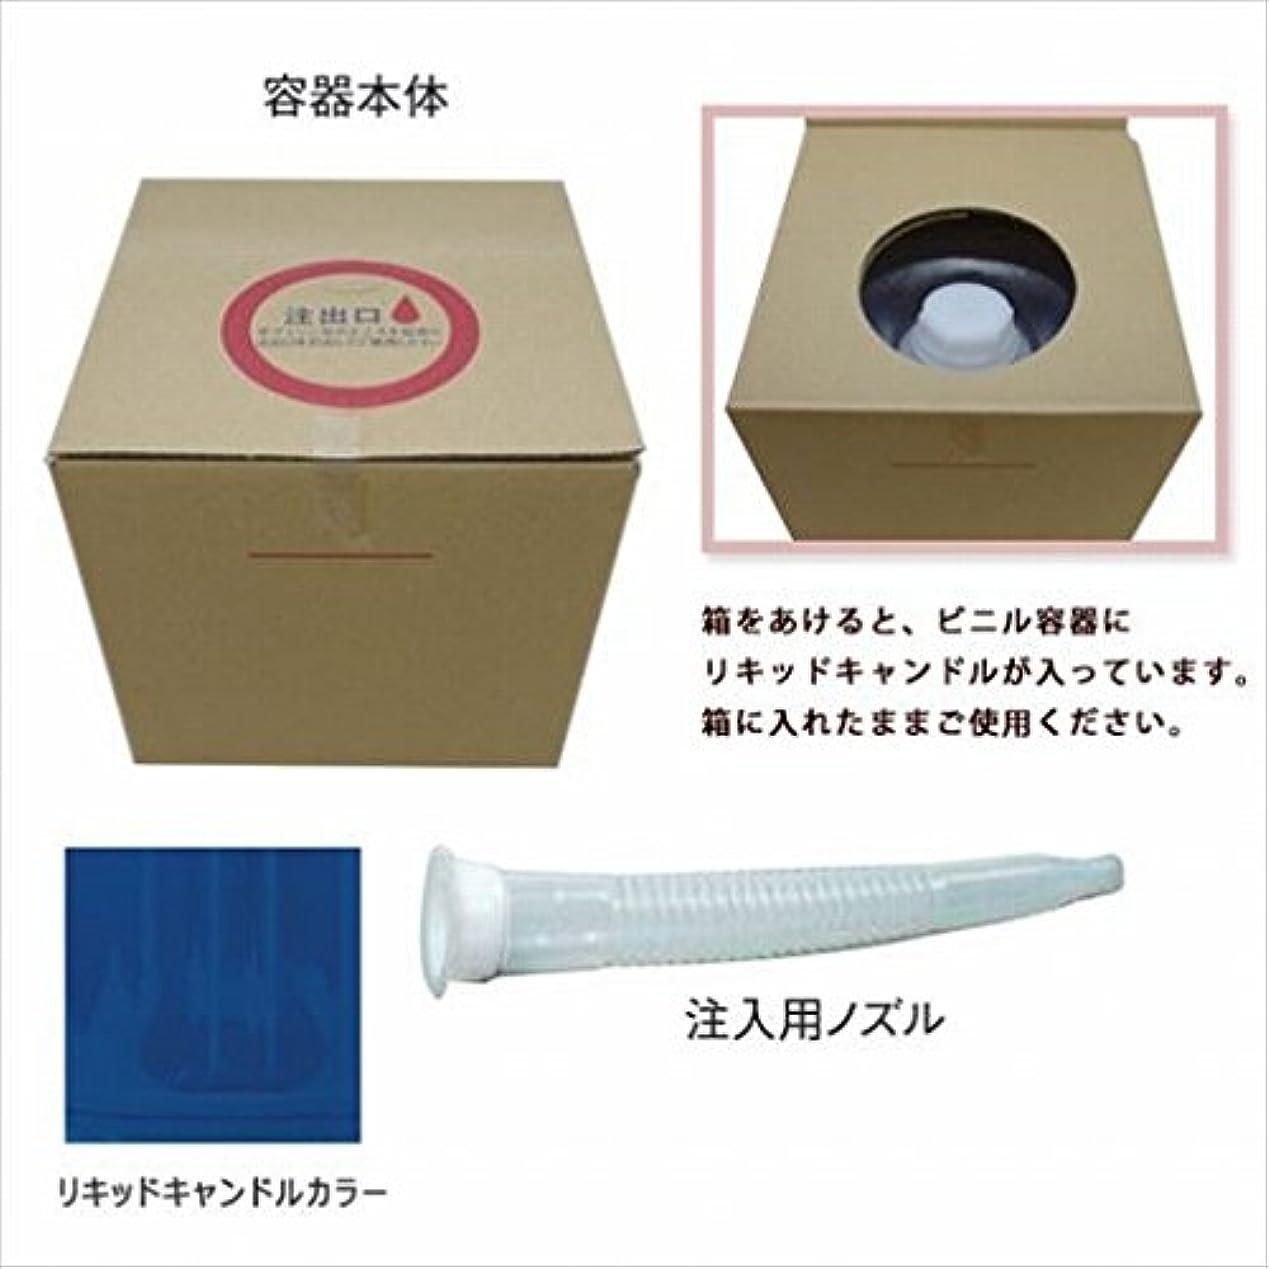 フラフープ援助意気消沈したカメヤマキャンドル( kameyama candle ) リキッドキャンドル5リットル 「 ブルー 」